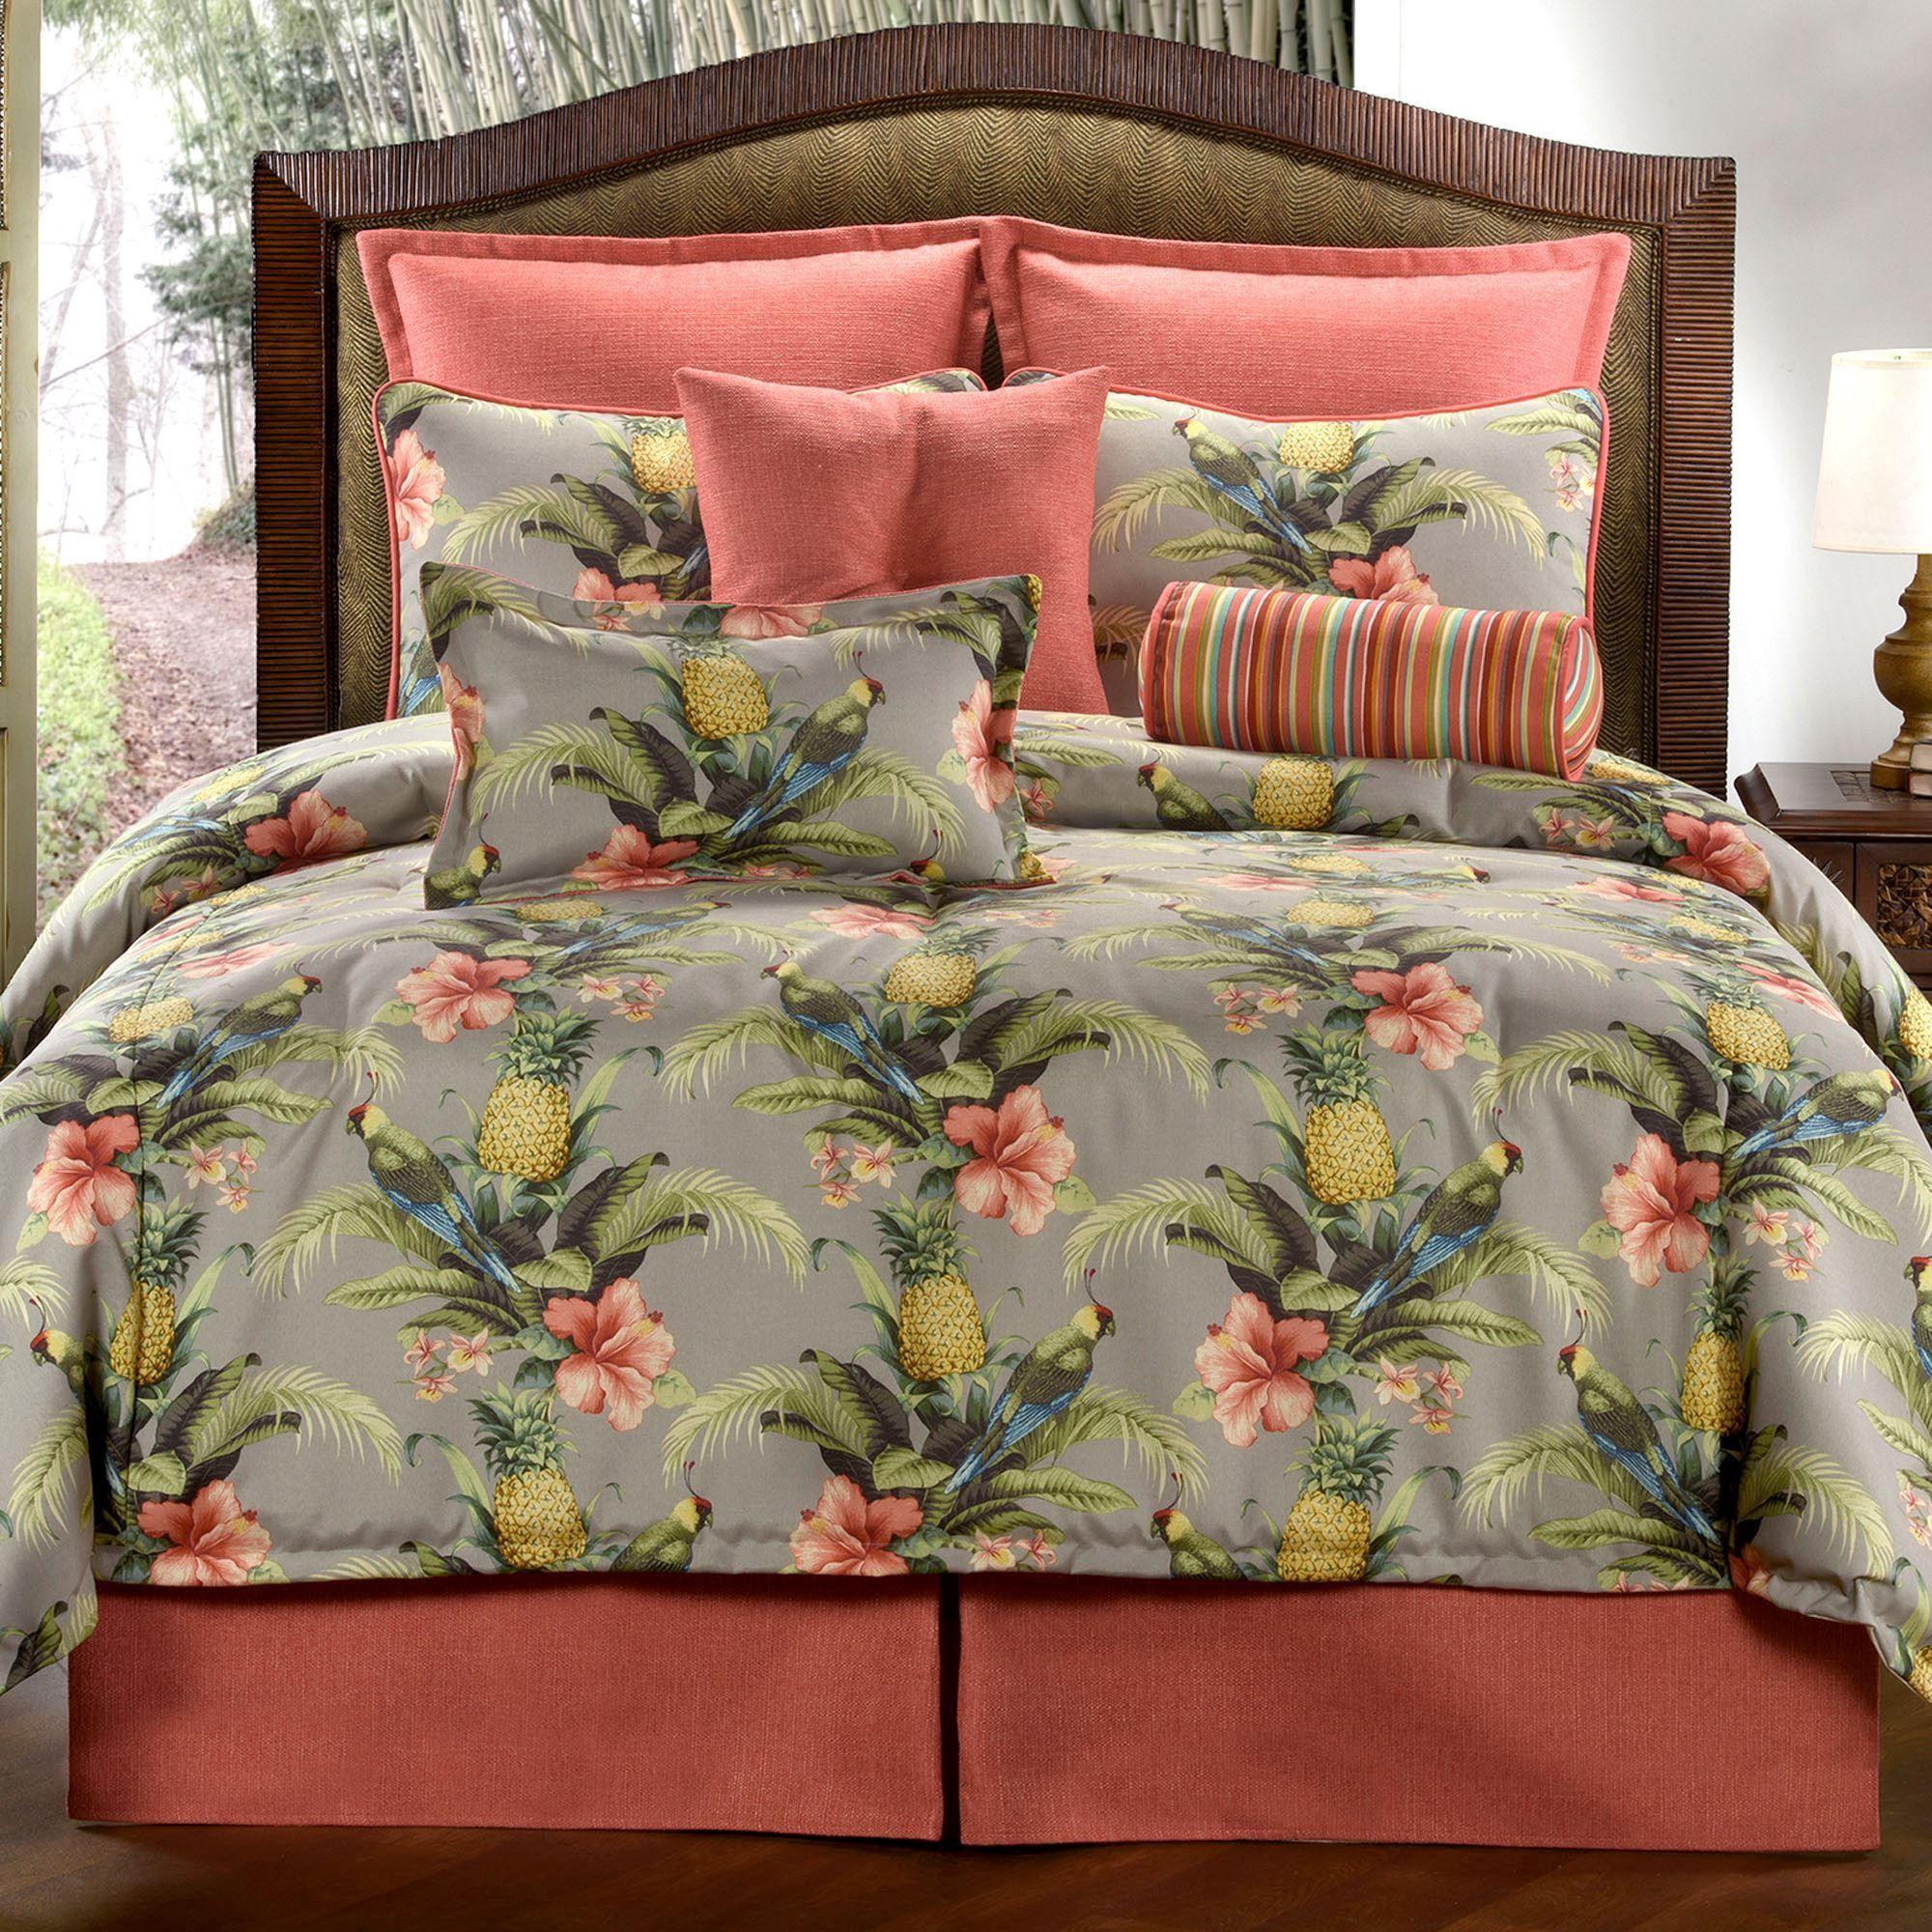 Polly Island Tropical Parrot Comforter Bedding Tropical Bedrooms Tropical Bedding Tropical Bedroom Decor